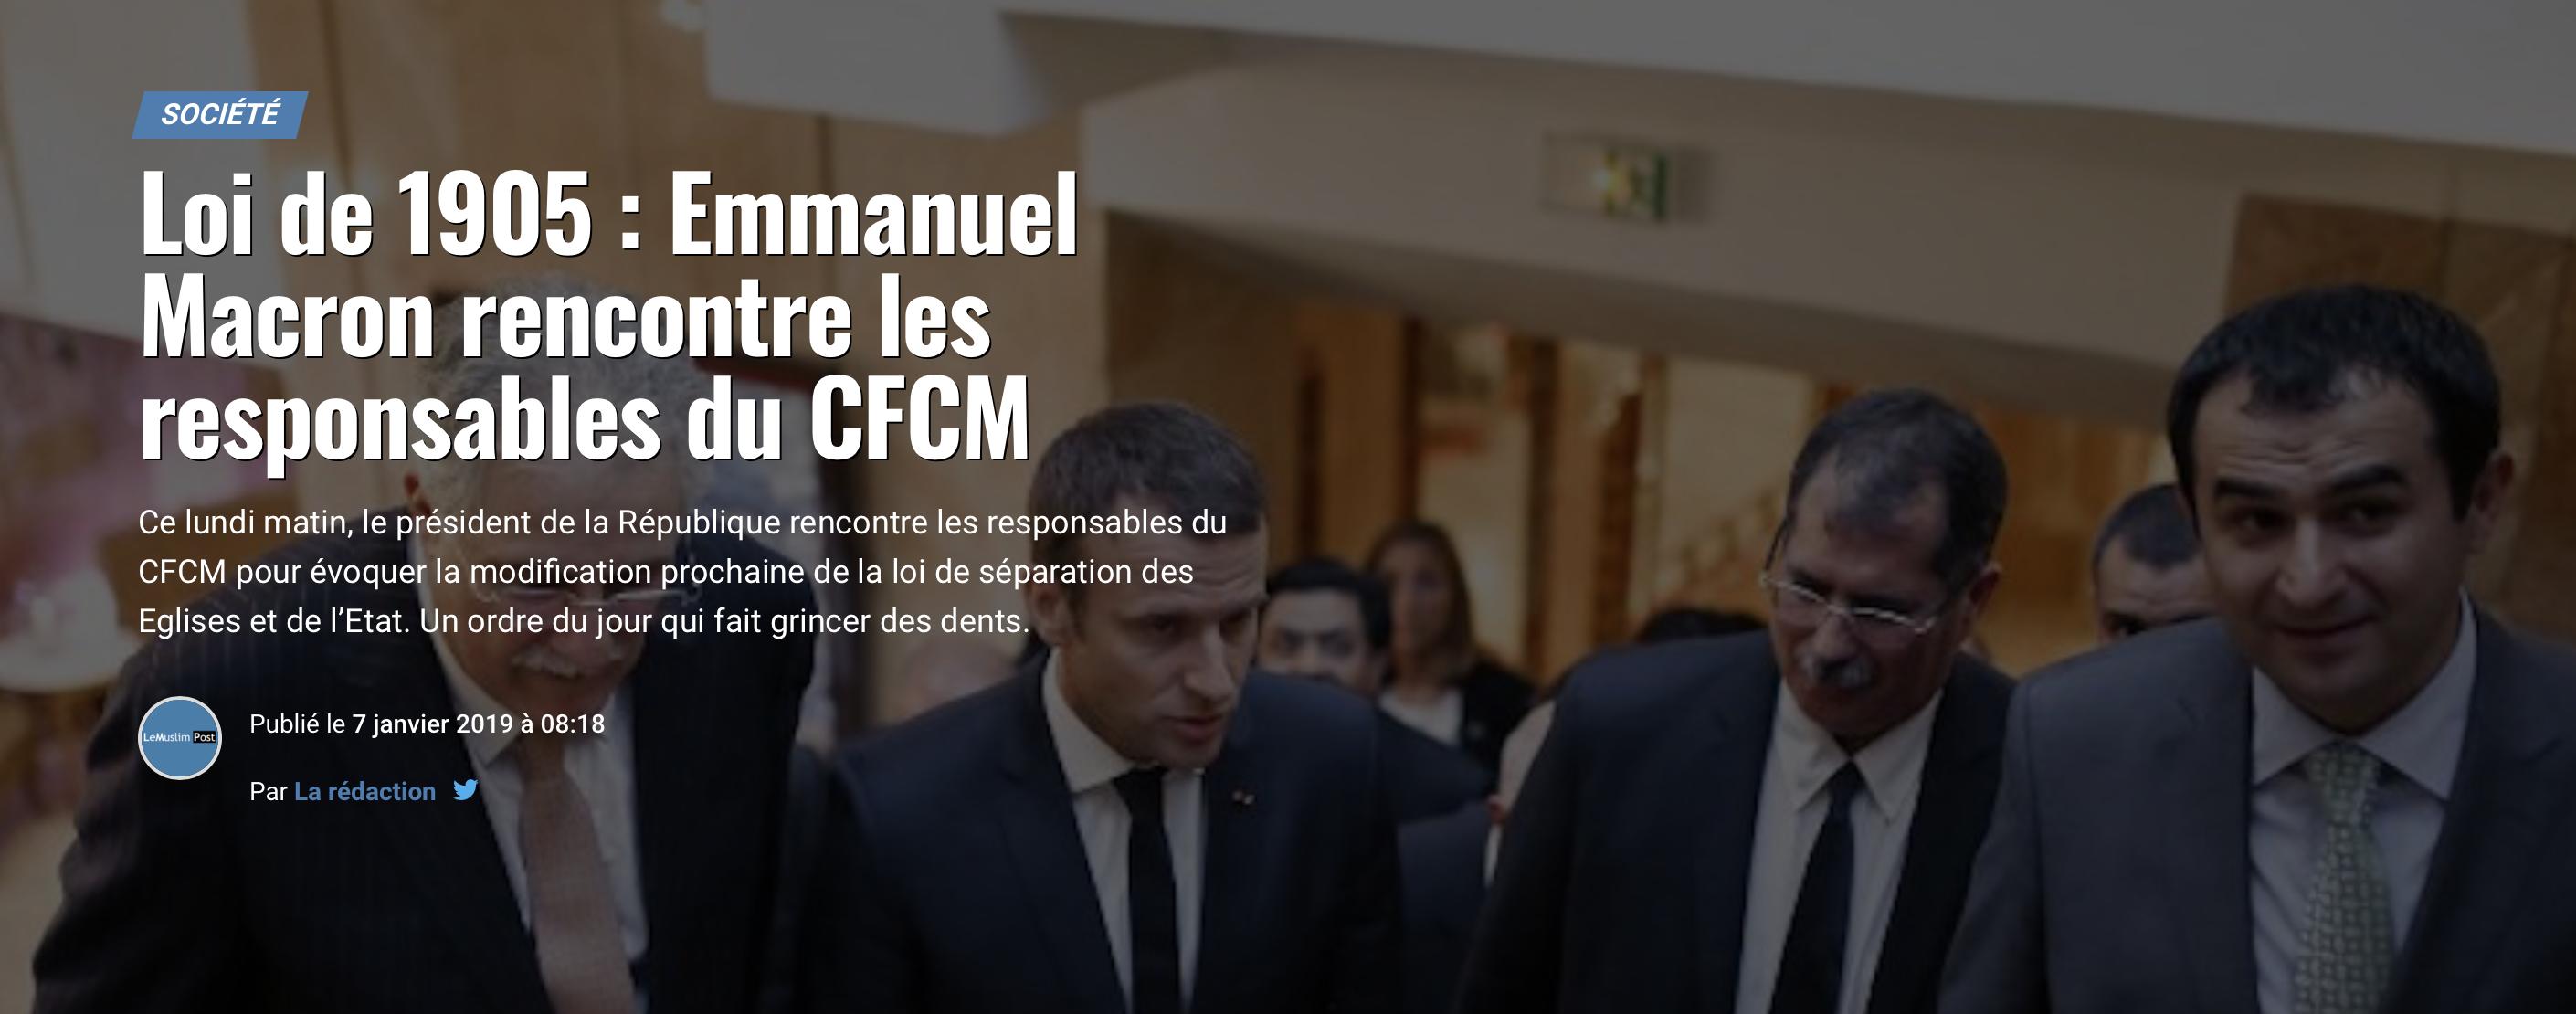 C'est le CFCM qui va modifier NOTRE loi de 1905 !